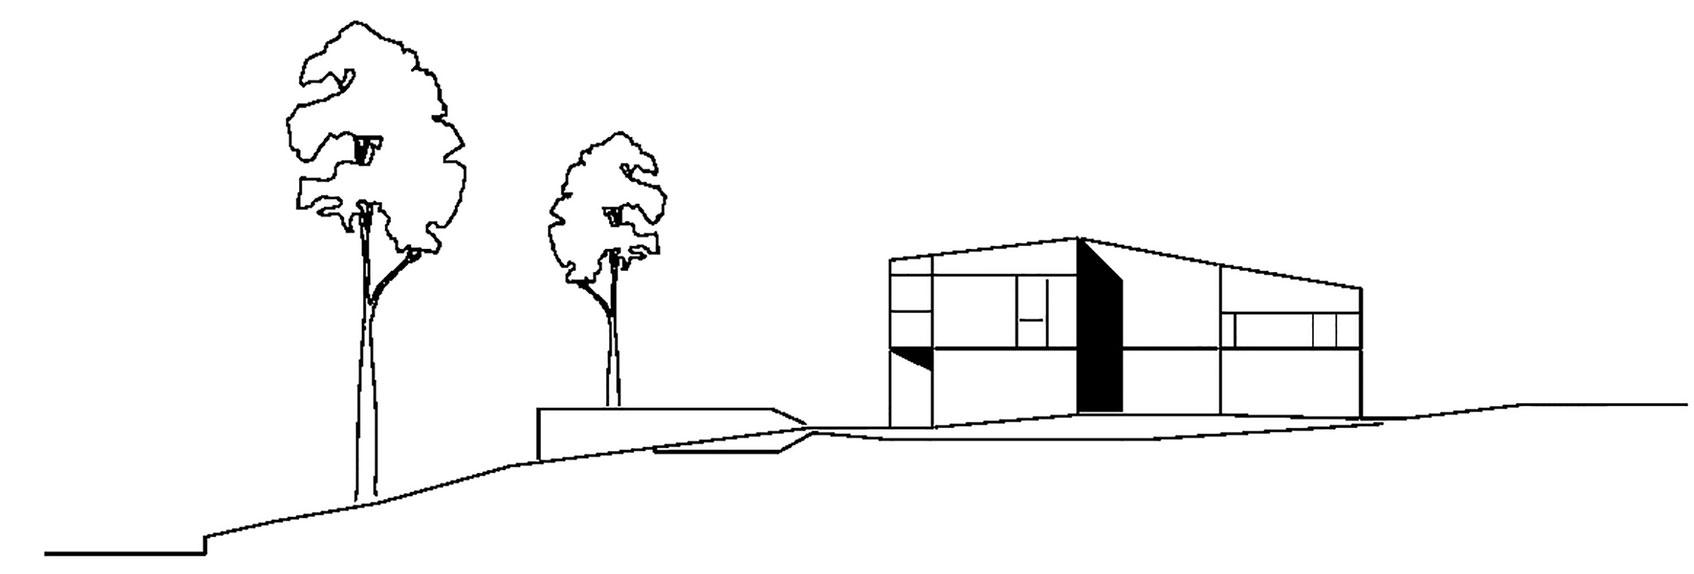 S3 City Home in Tübingen by Steimle Architekten-32